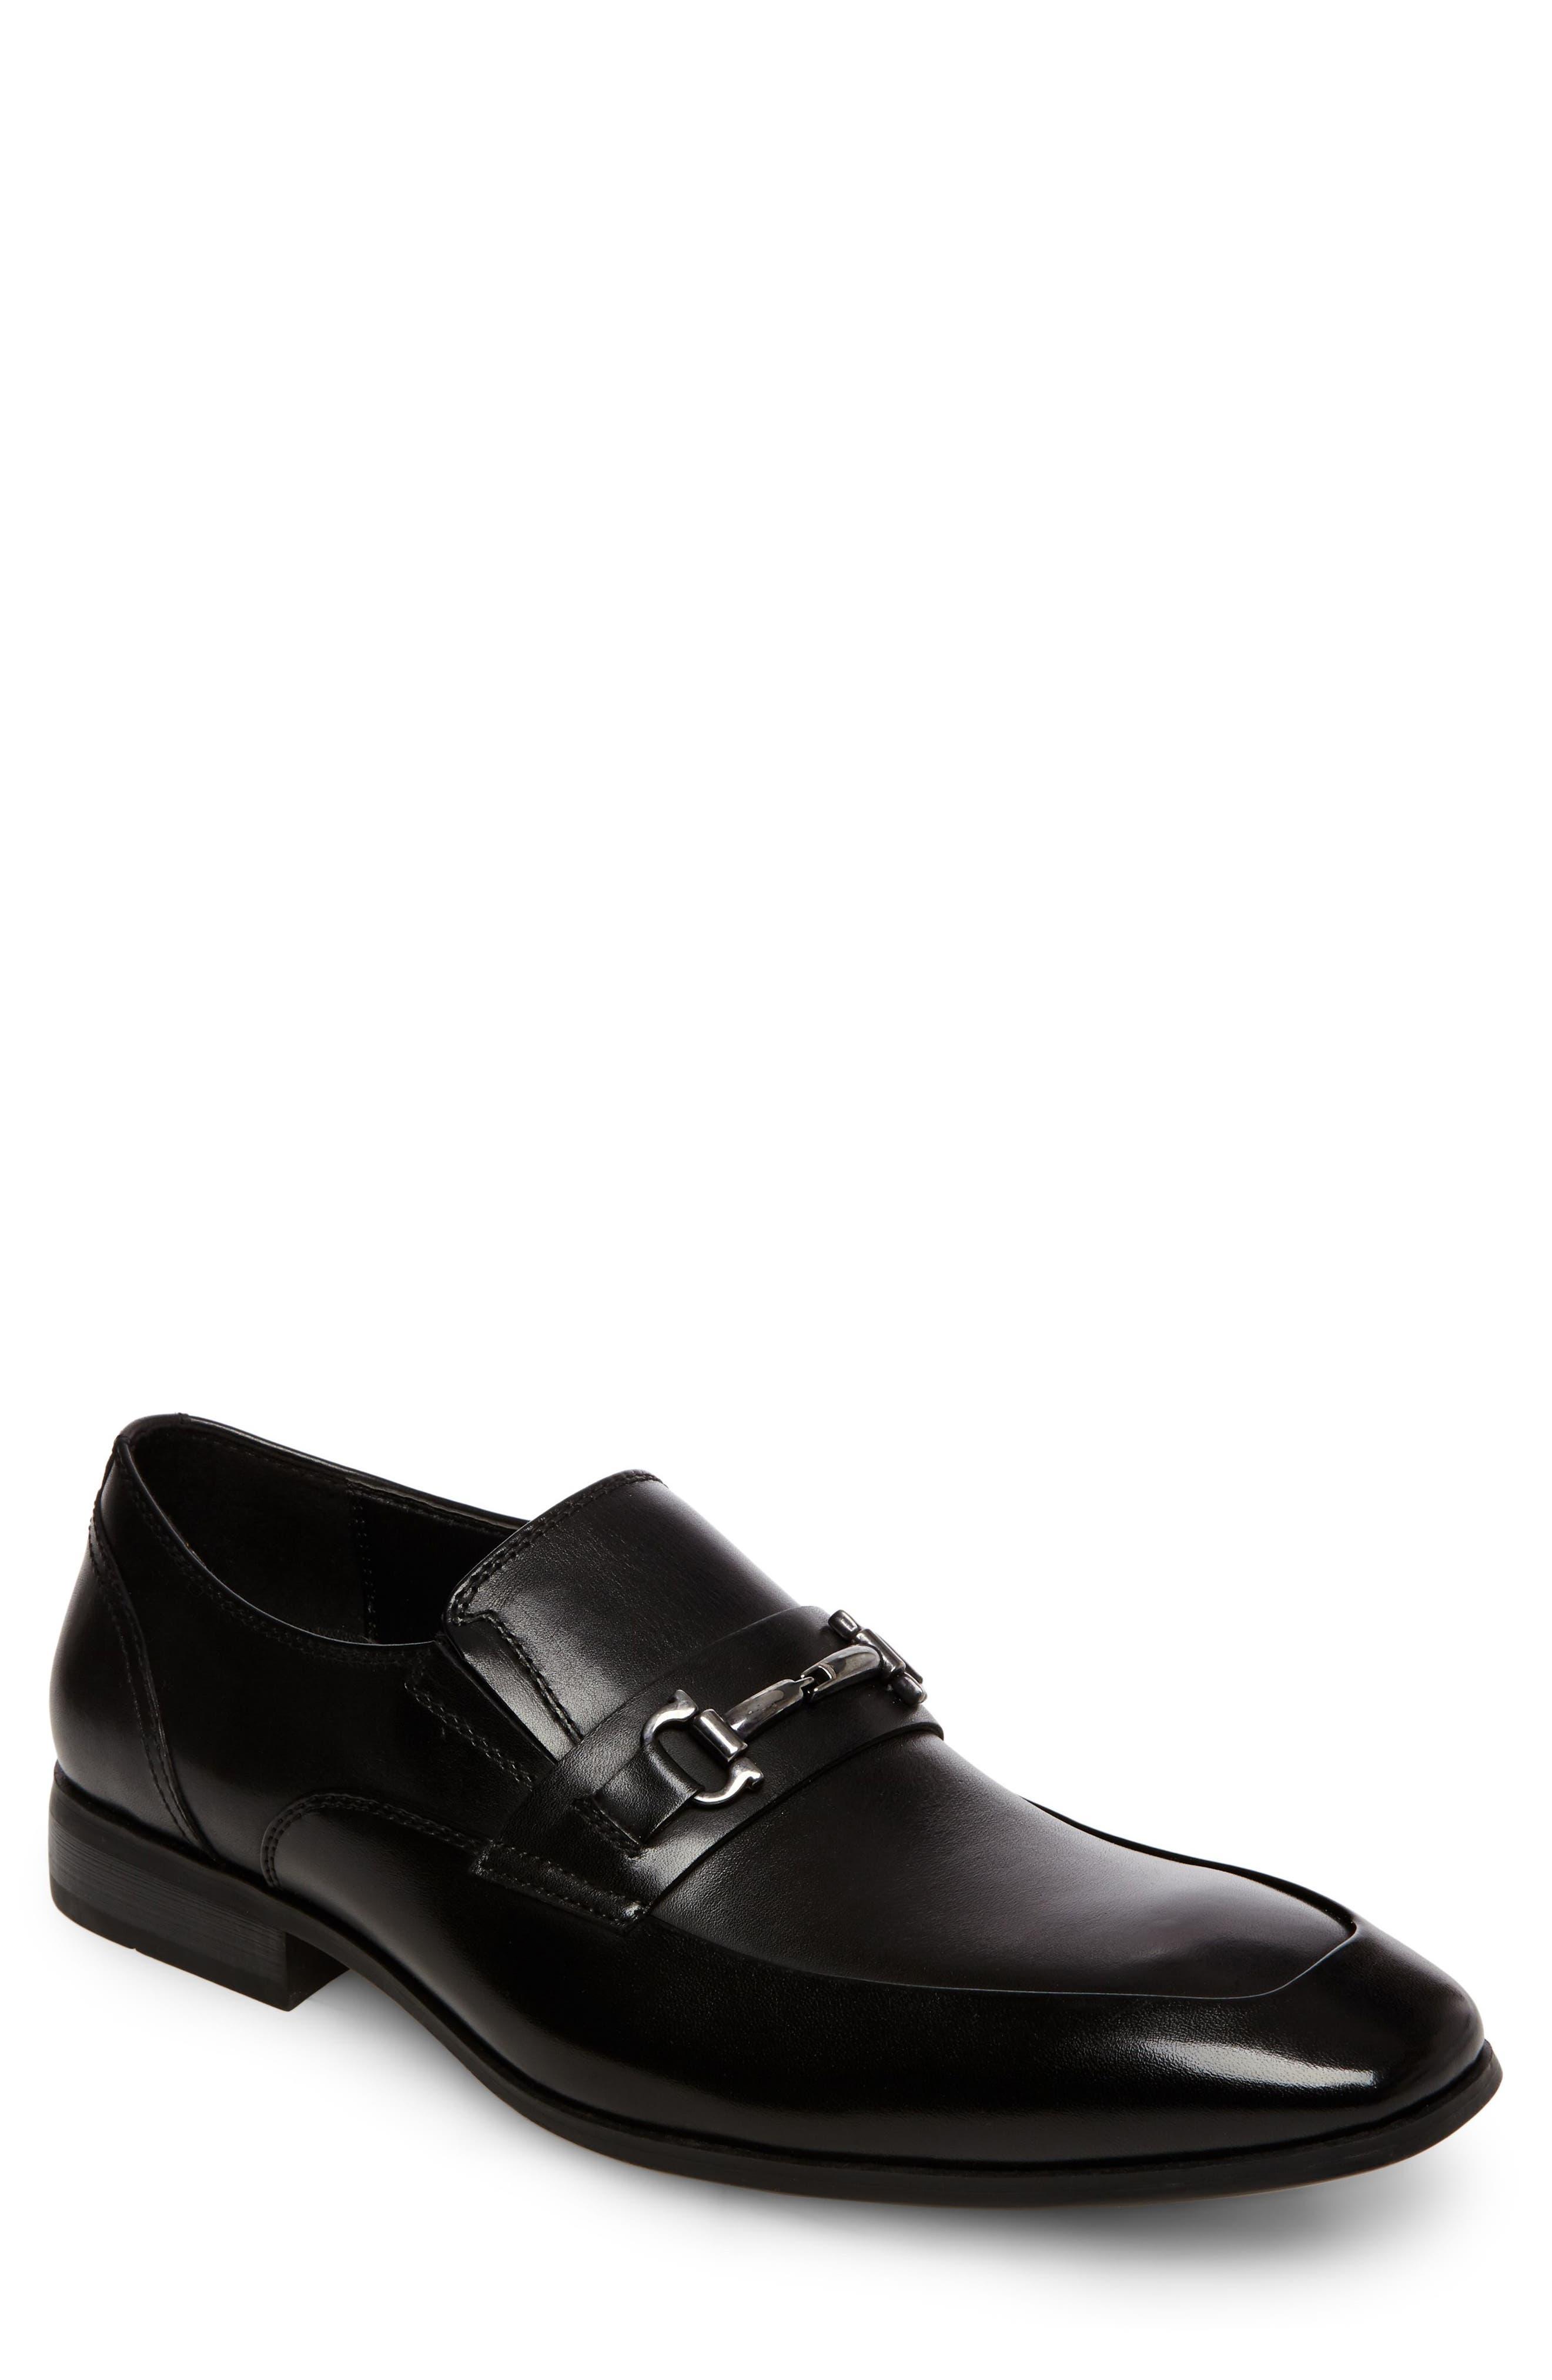 Mendal Bit Loafer,                         Main,                         color, Black